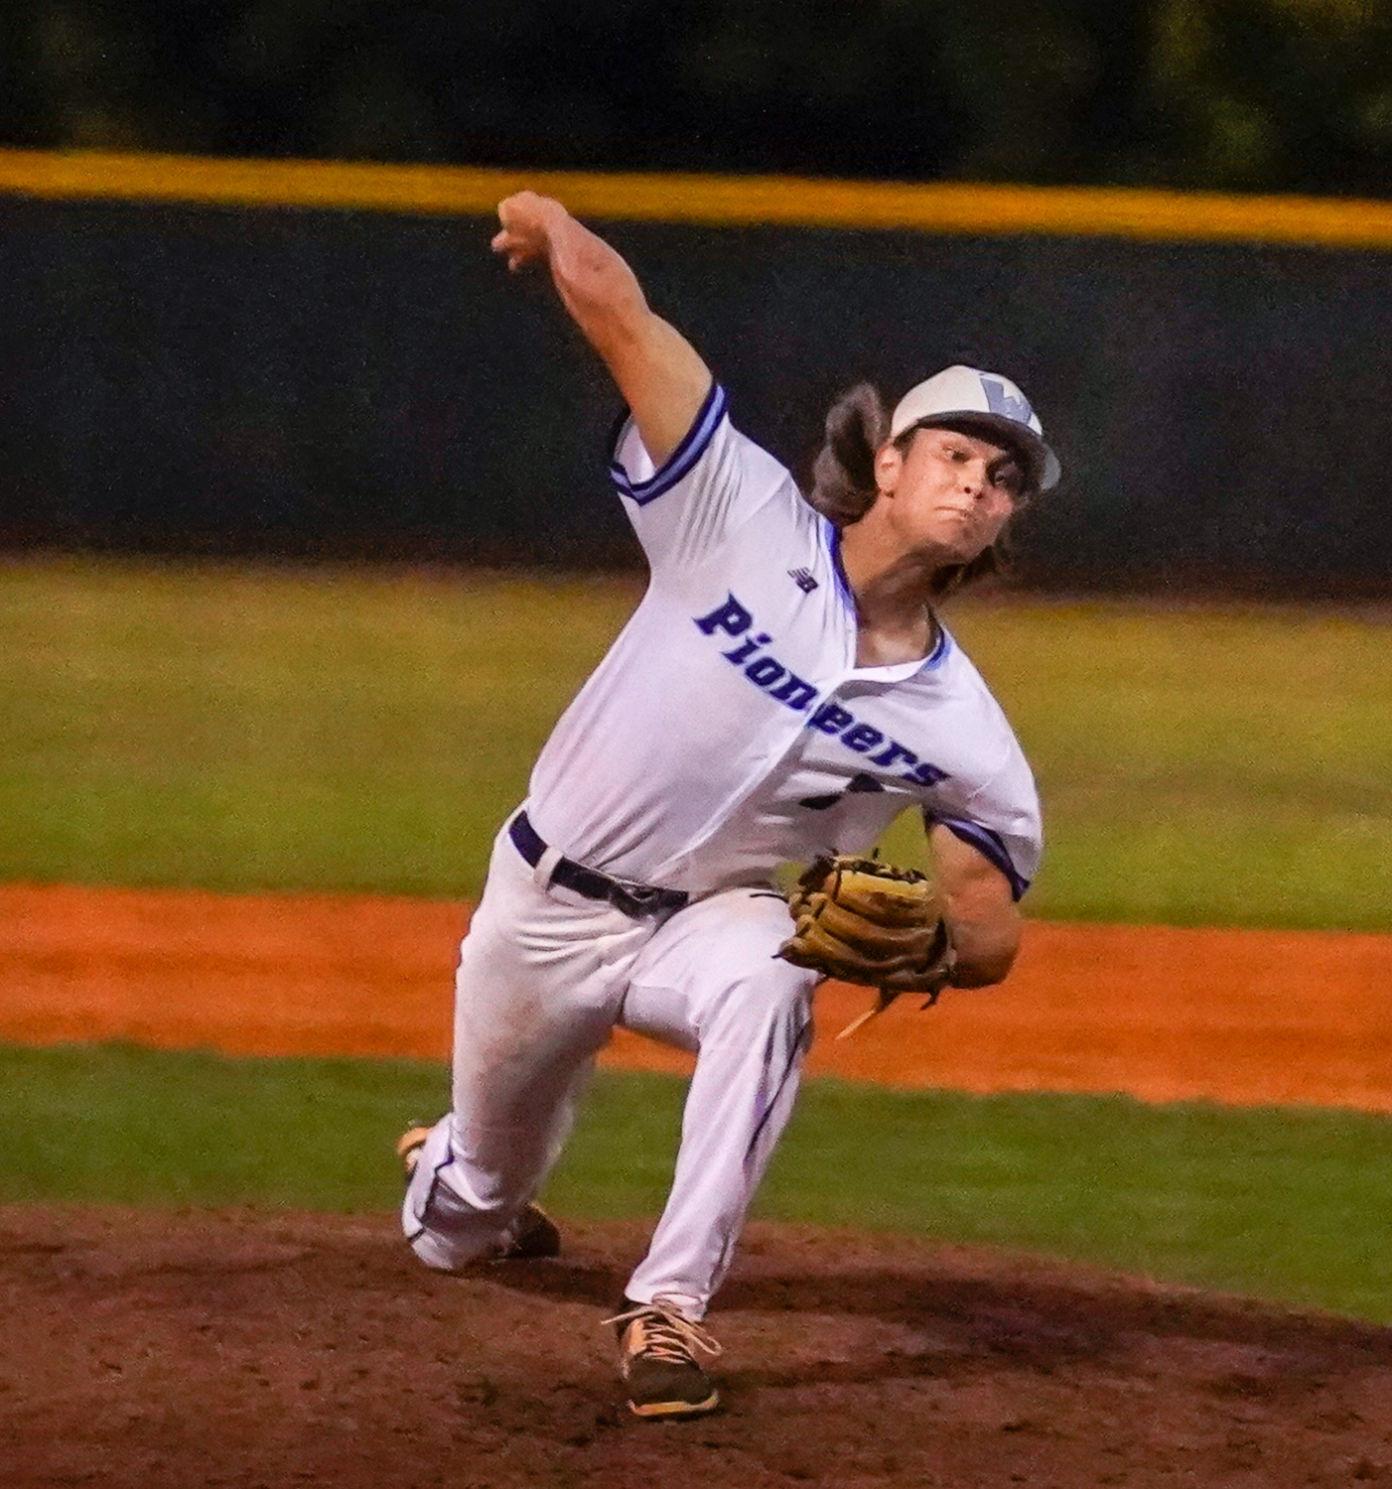 Ryan Beach-Verhey pitching